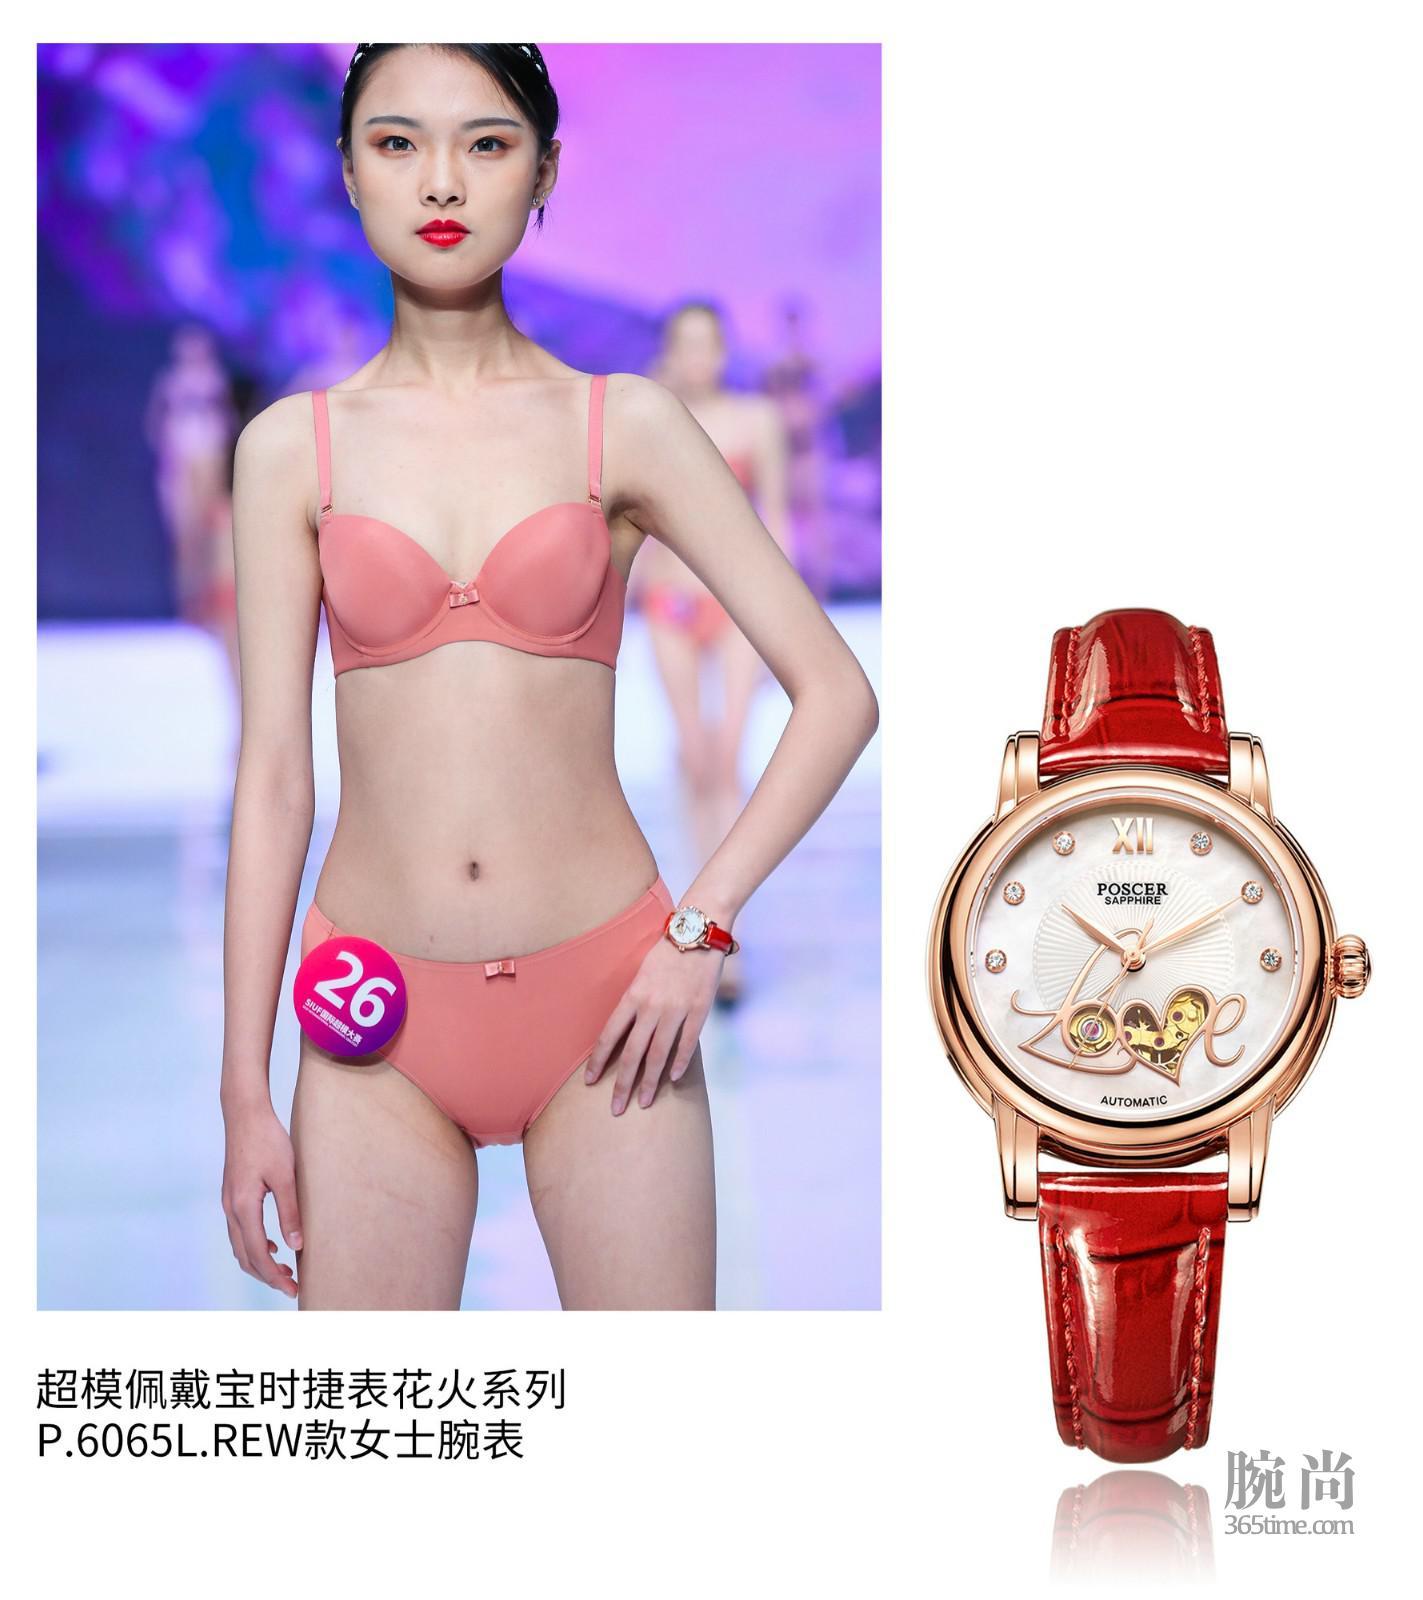 超模佩戴宝时捷表花火系列P.6065L.REW款女士腕表.jpg